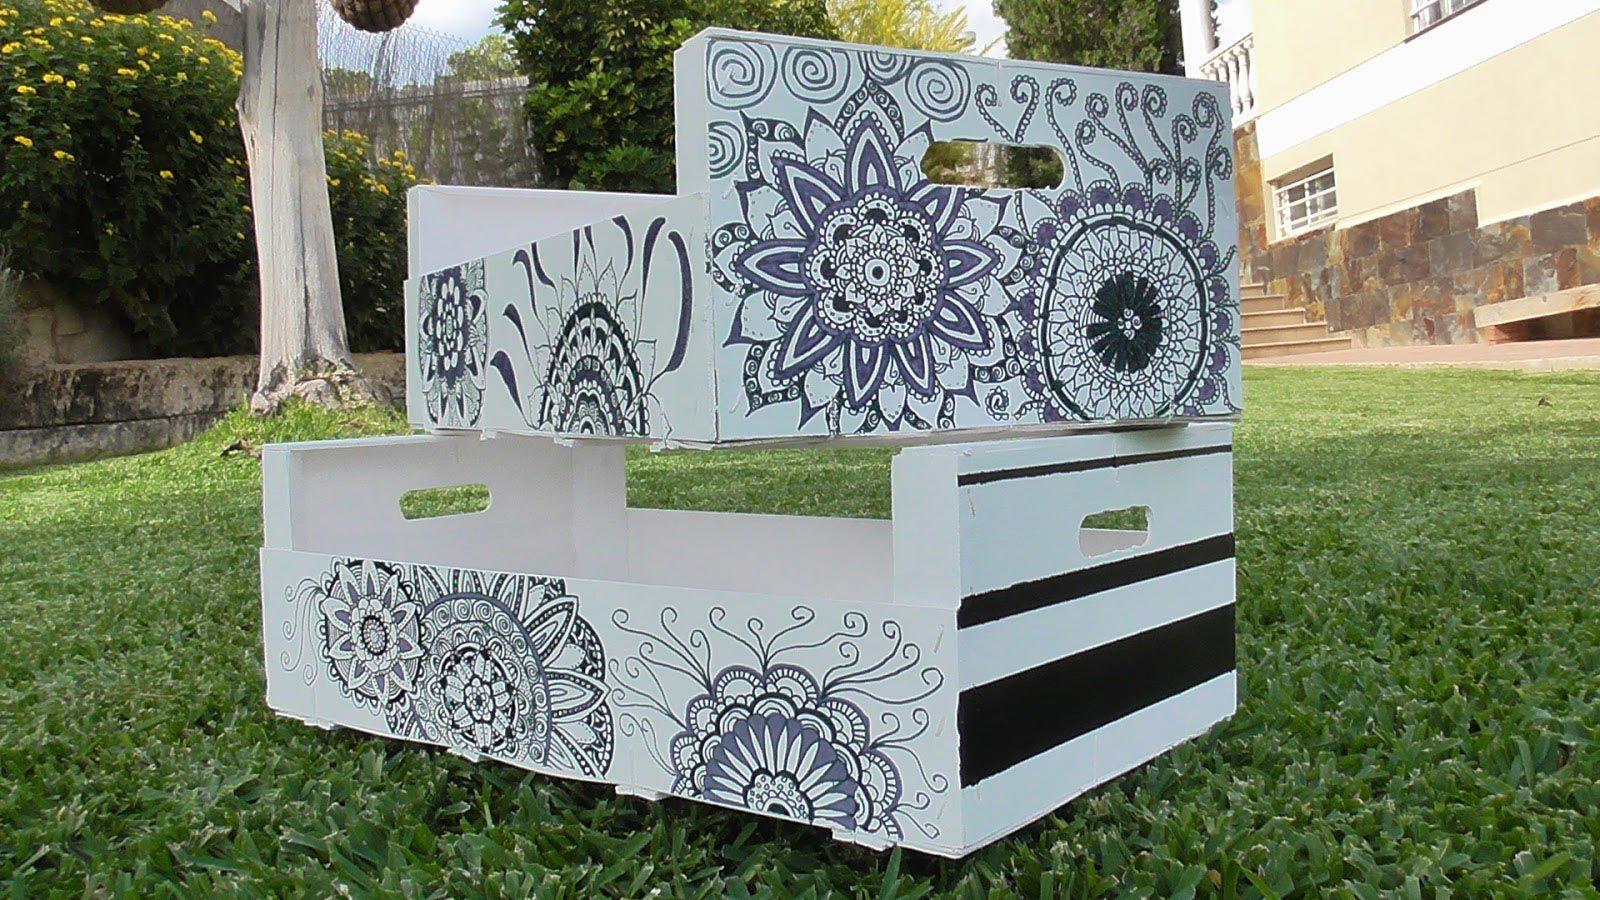 Idées DIY pour recycler les caisses en bois